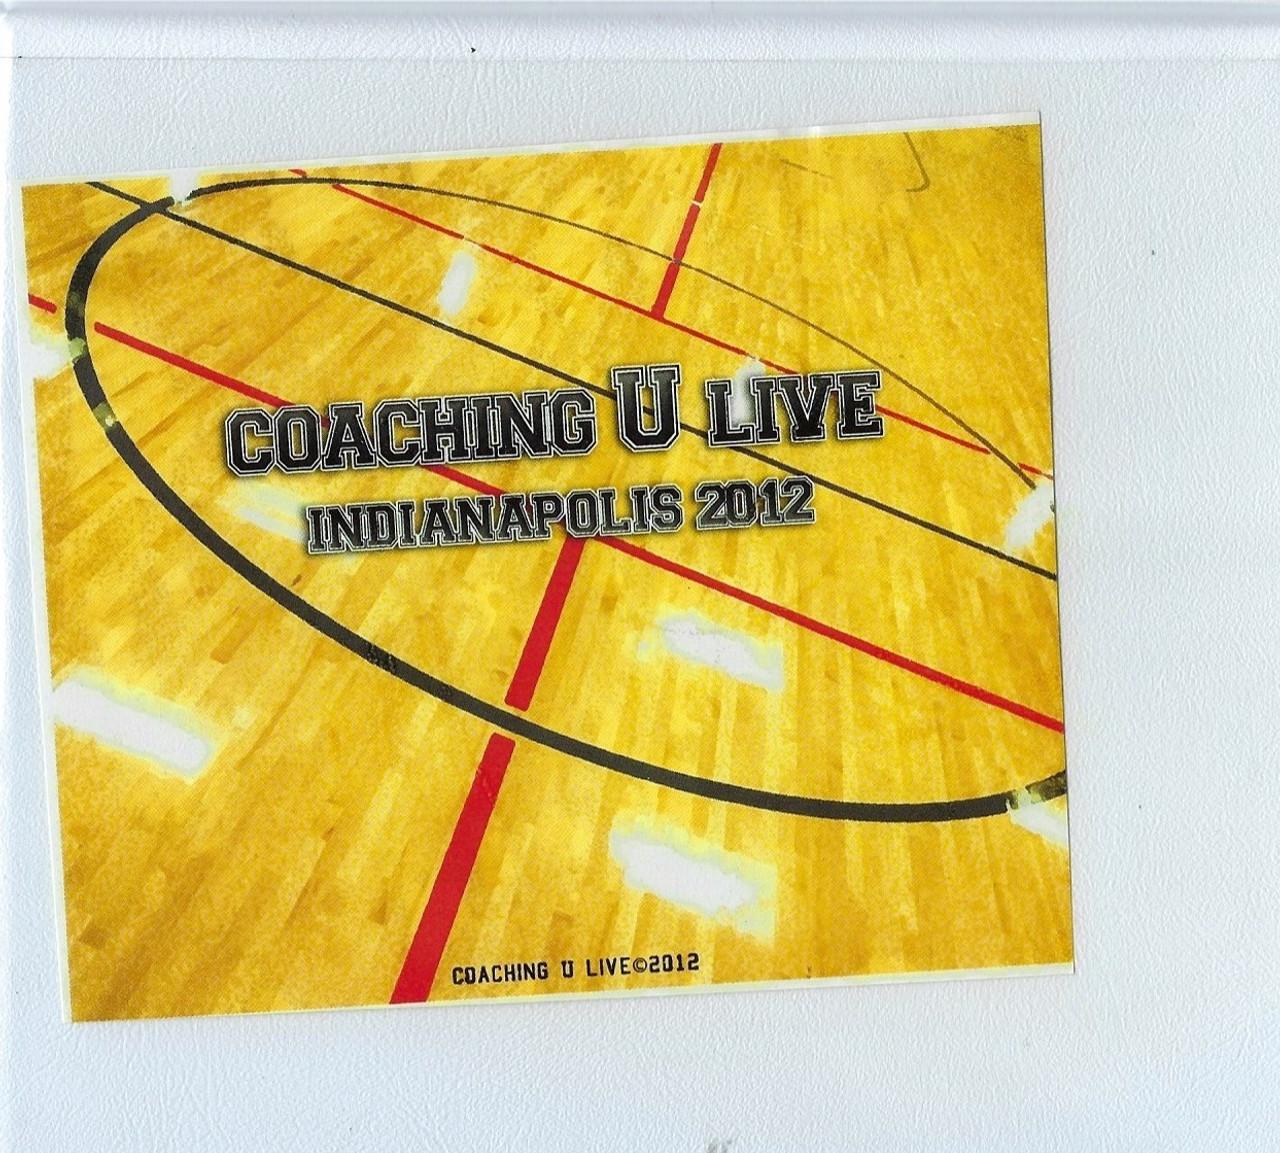 (Rental)-Coaching U Live Indianapolis 2012 11 Dvd Set